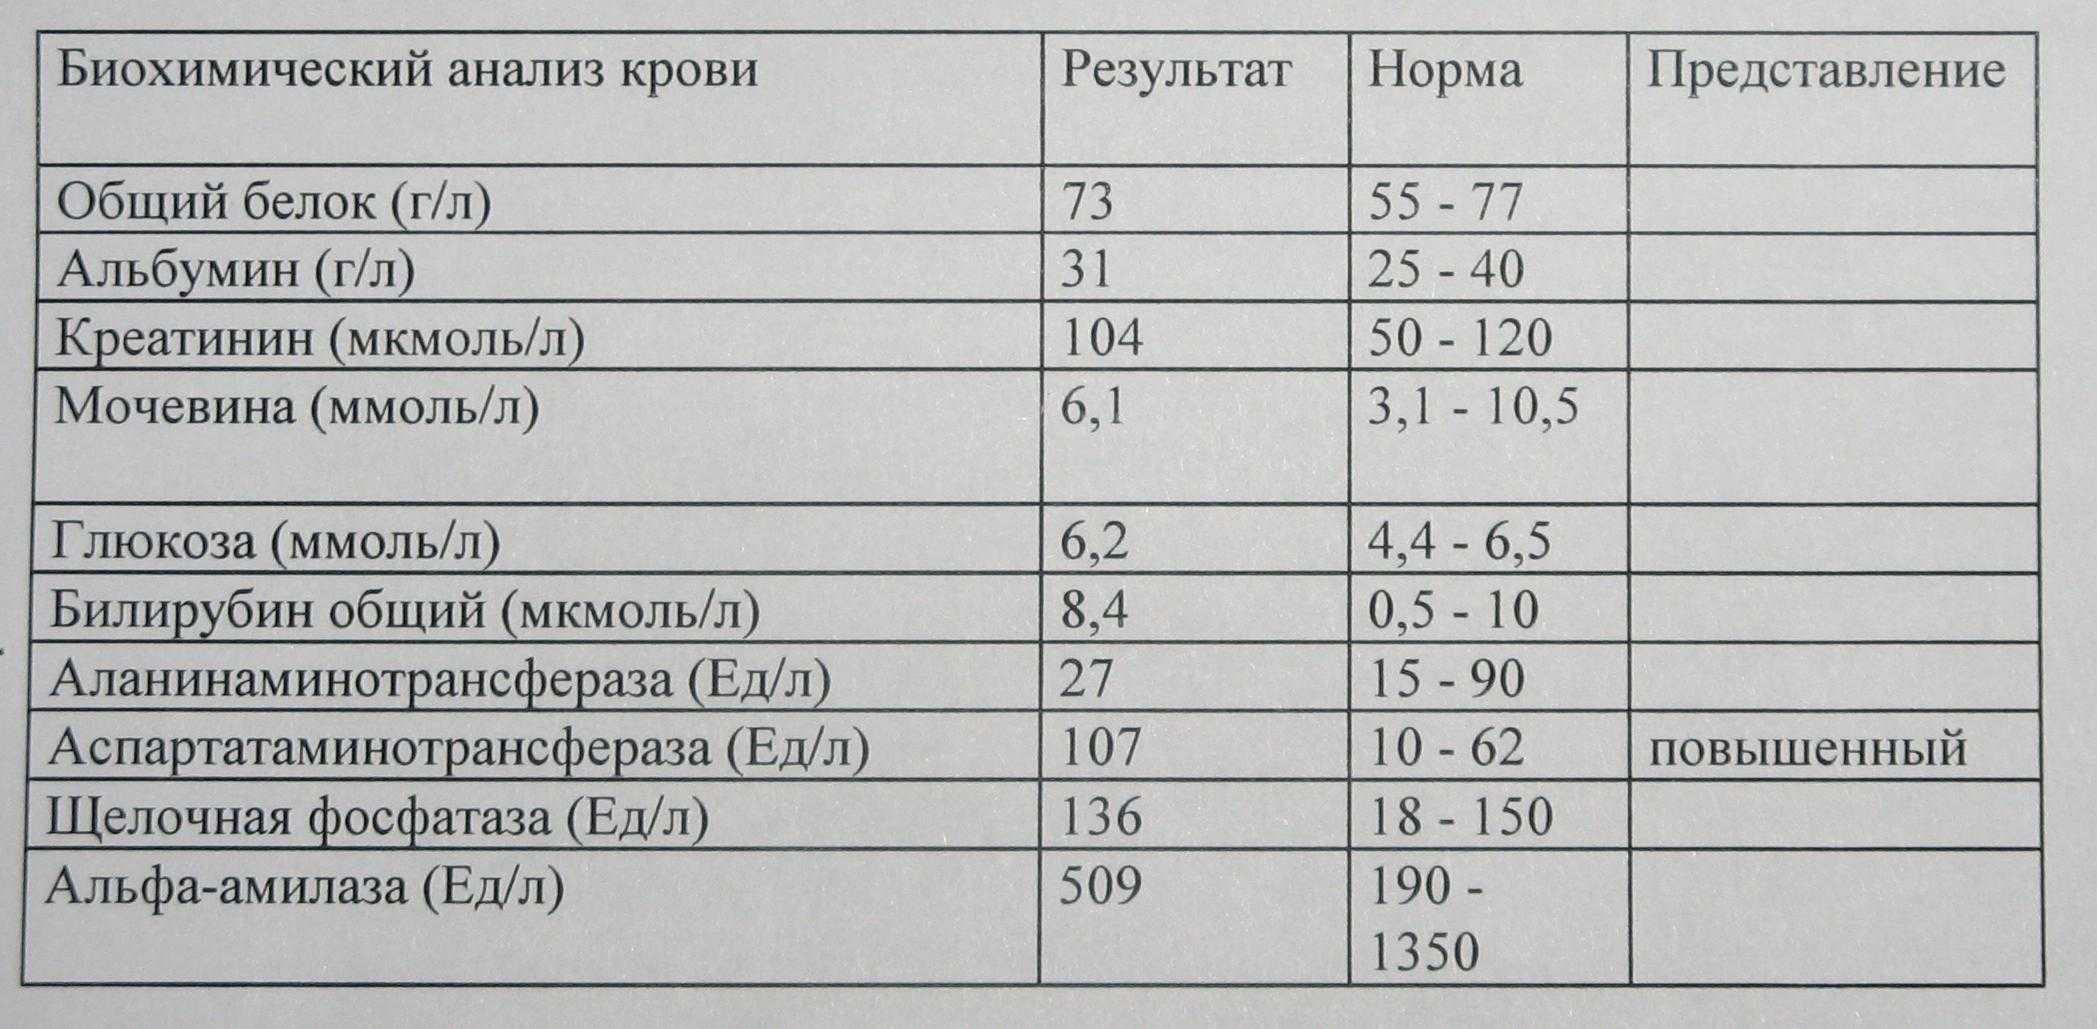 Биохимический анализ крови – норма и характеристики показателей